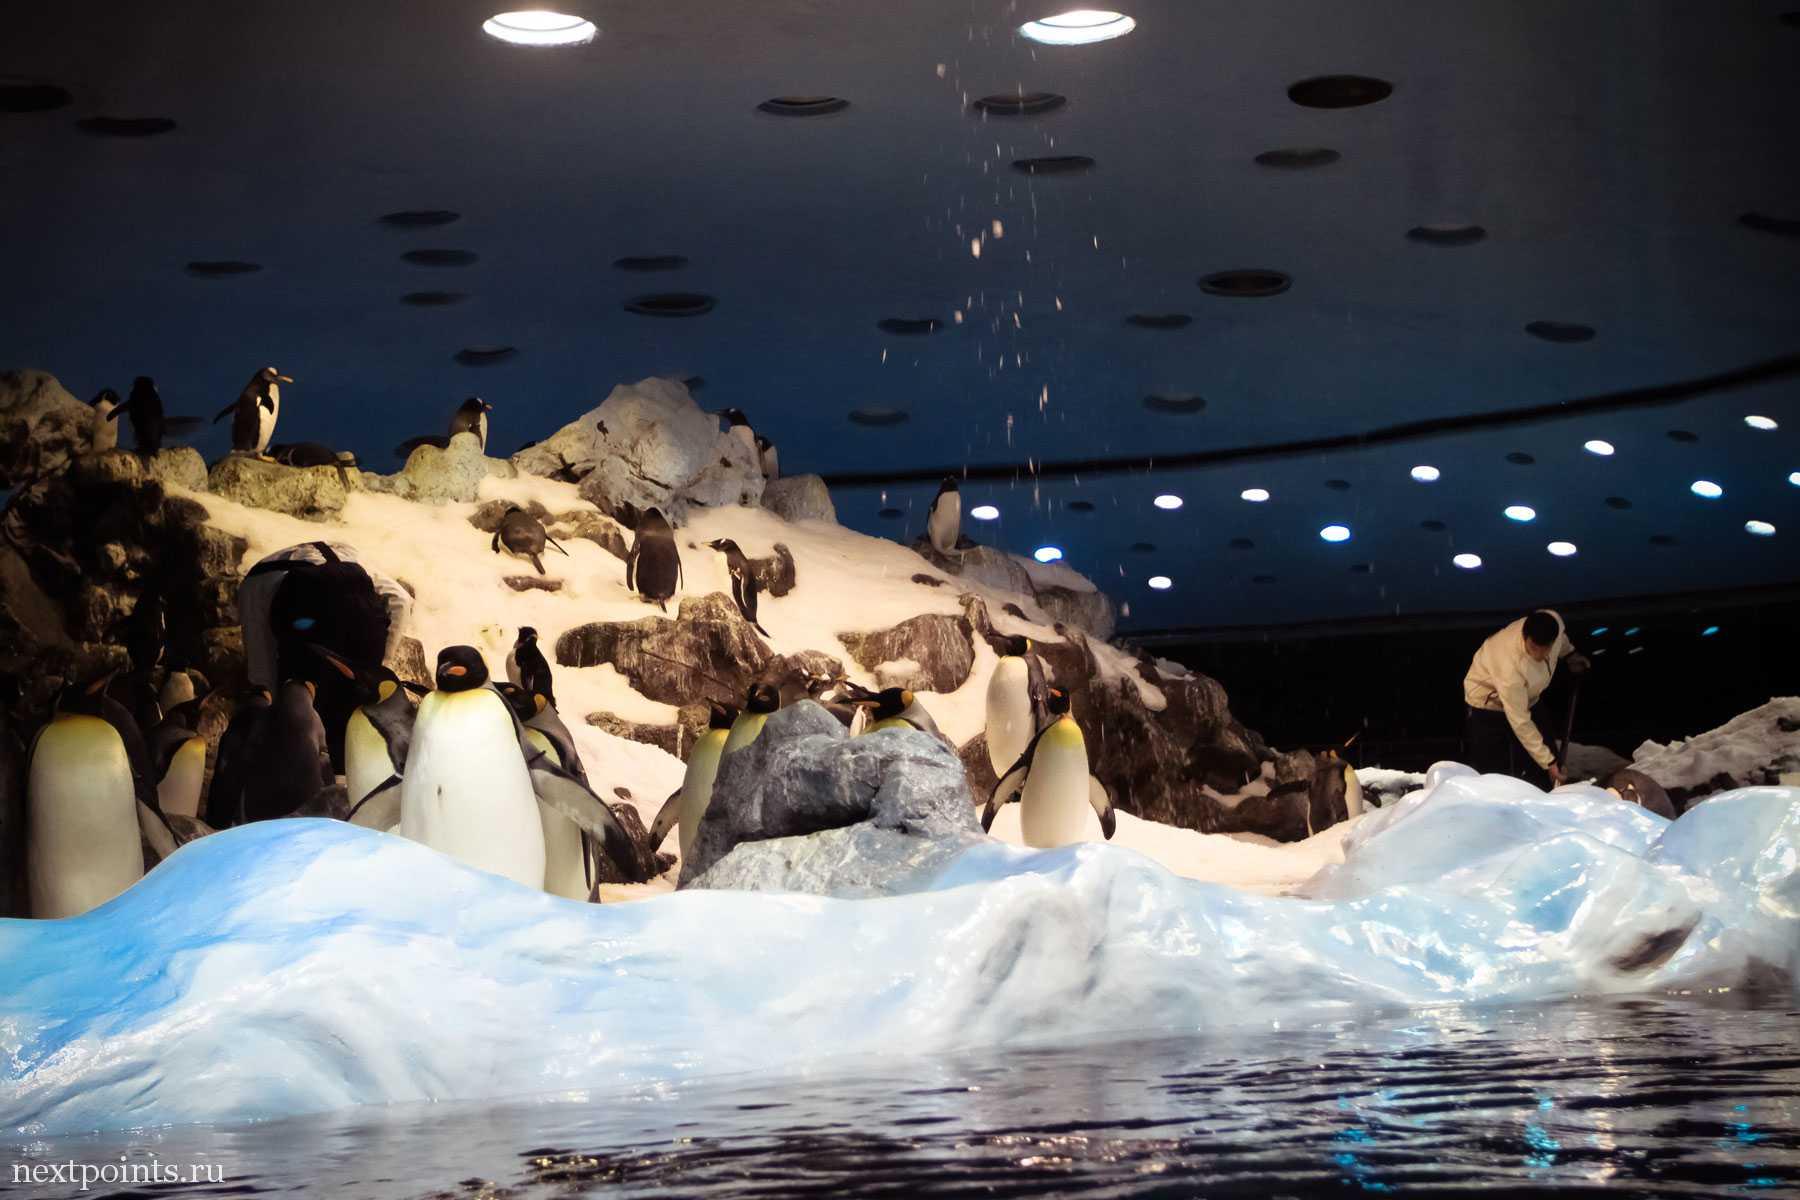 Пушка со снегом для пингвинов